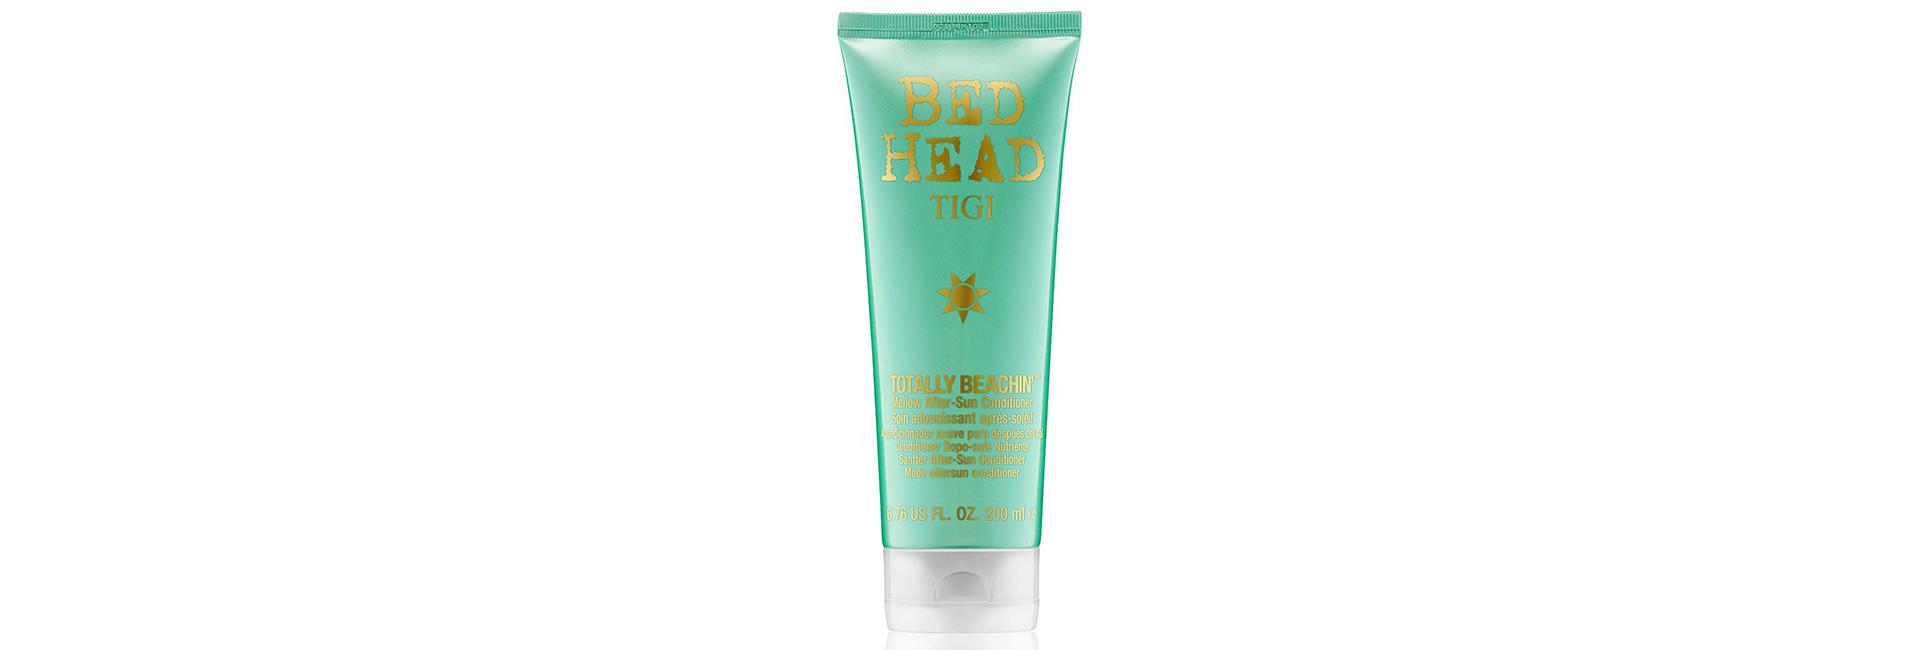 soin-adoucissant-apres-soleil-bed-head-tigi-blog-beaute-soin-parfum-homme